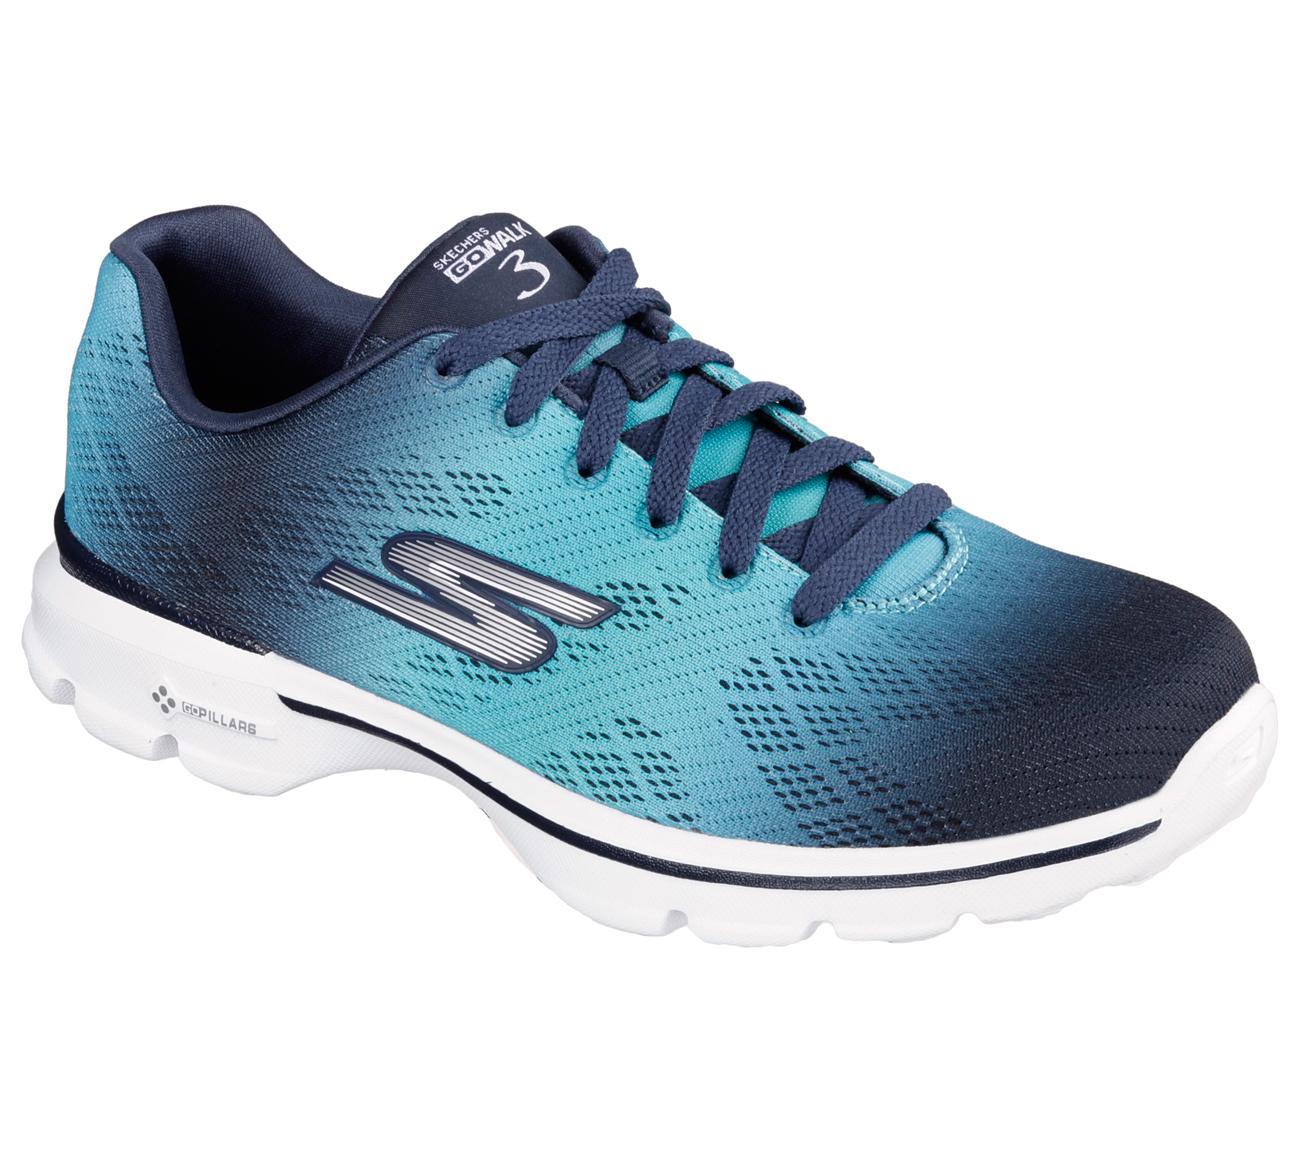 Buy Skechers Women S Skechers Gowalk 3 Pulsegowalk Shoes